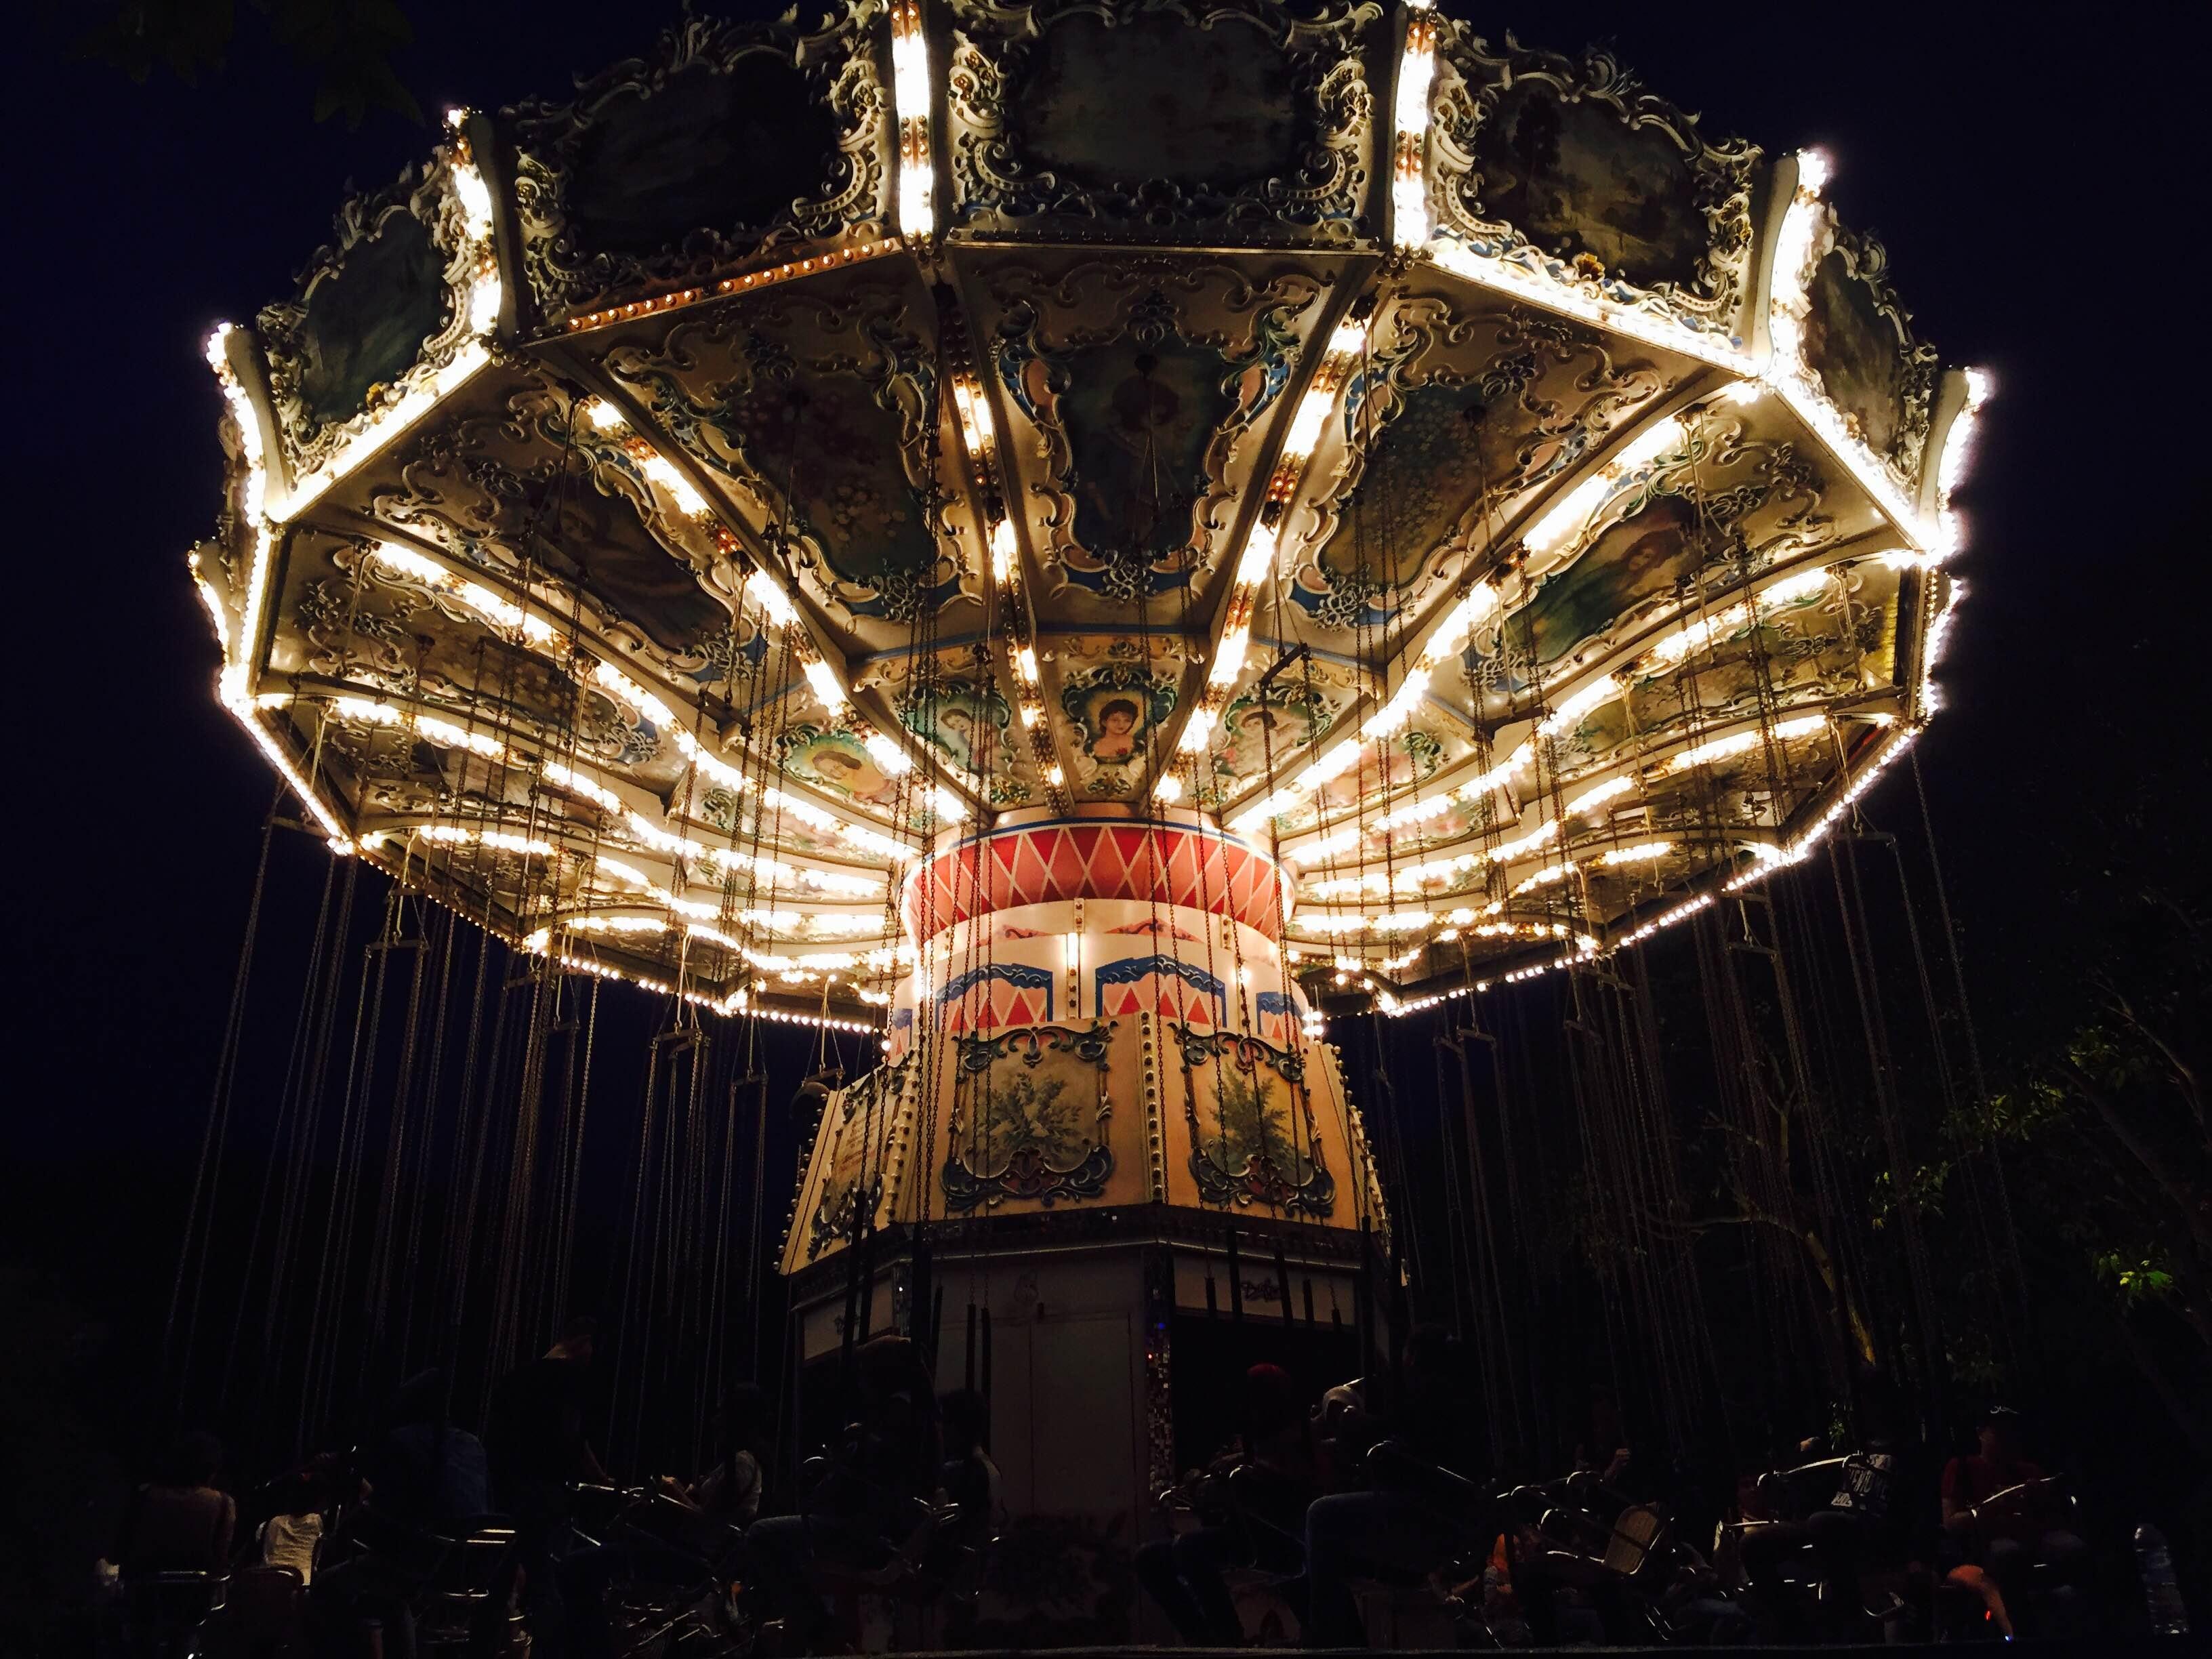 Illuminated carousel photo